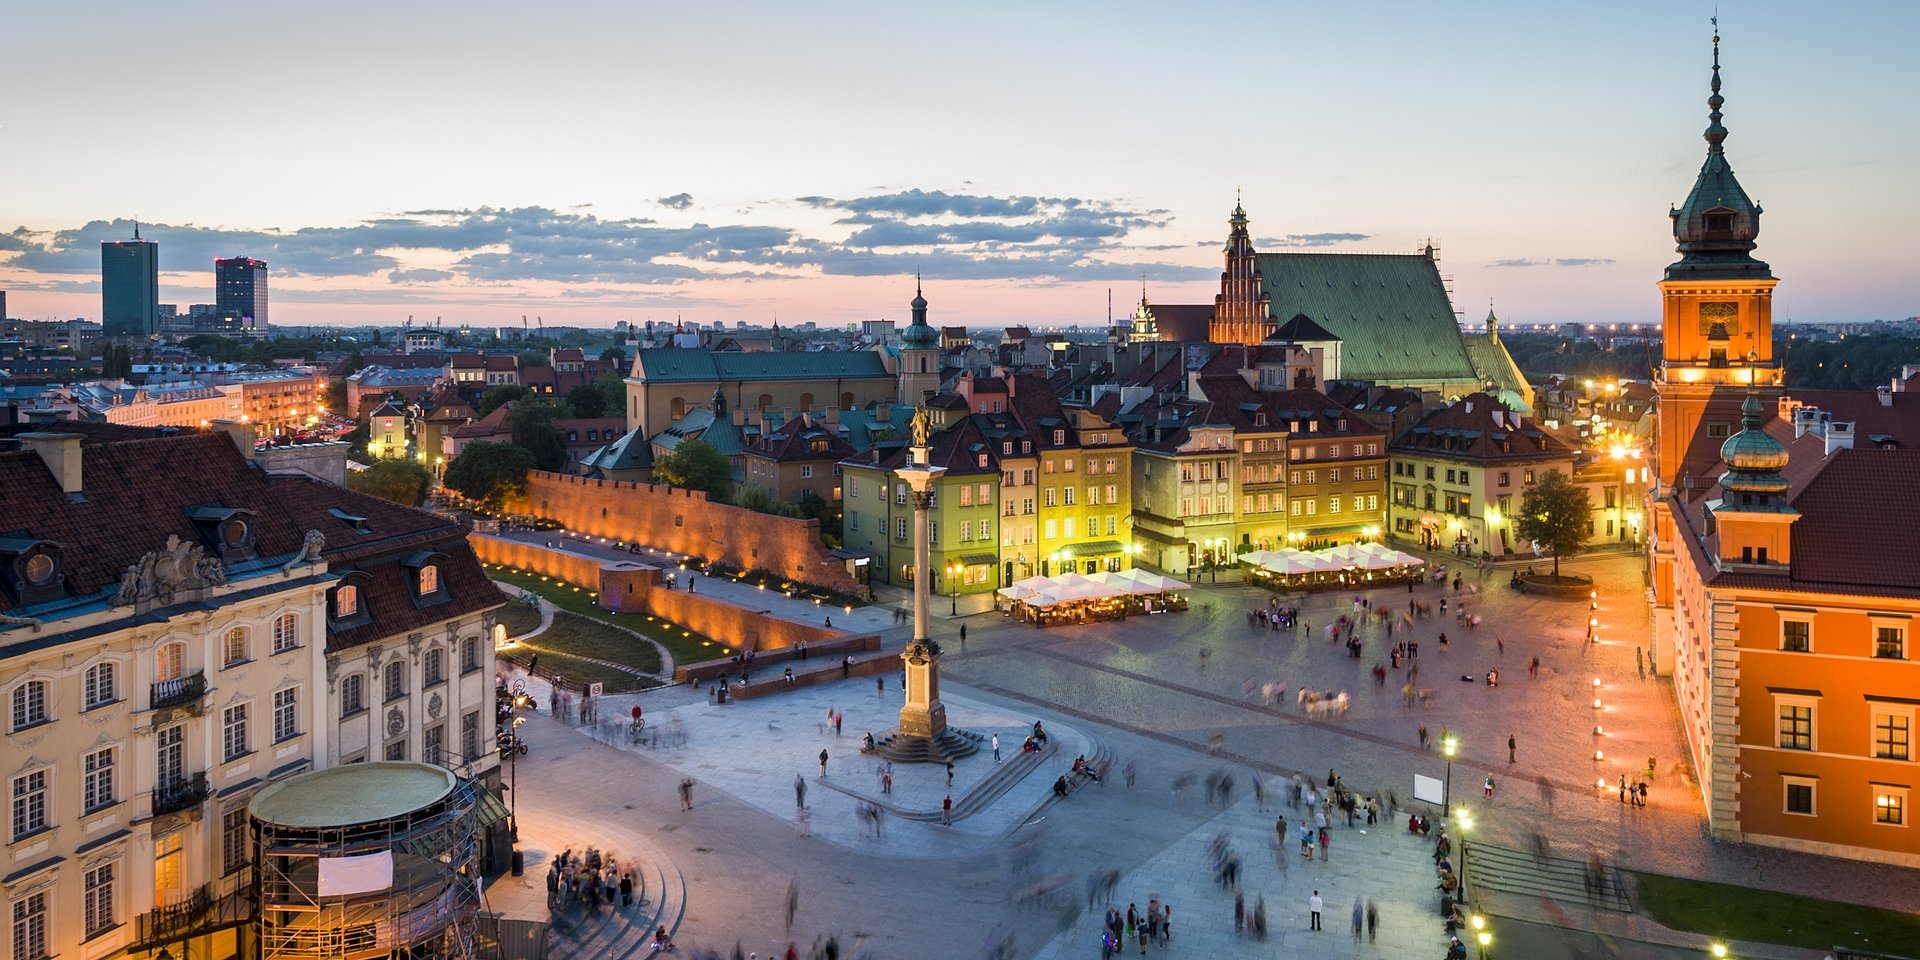 W 2021 roku nowy krajobraz biurowy Warszawy. Czekają nas zmiany w komunikacji miejskiej